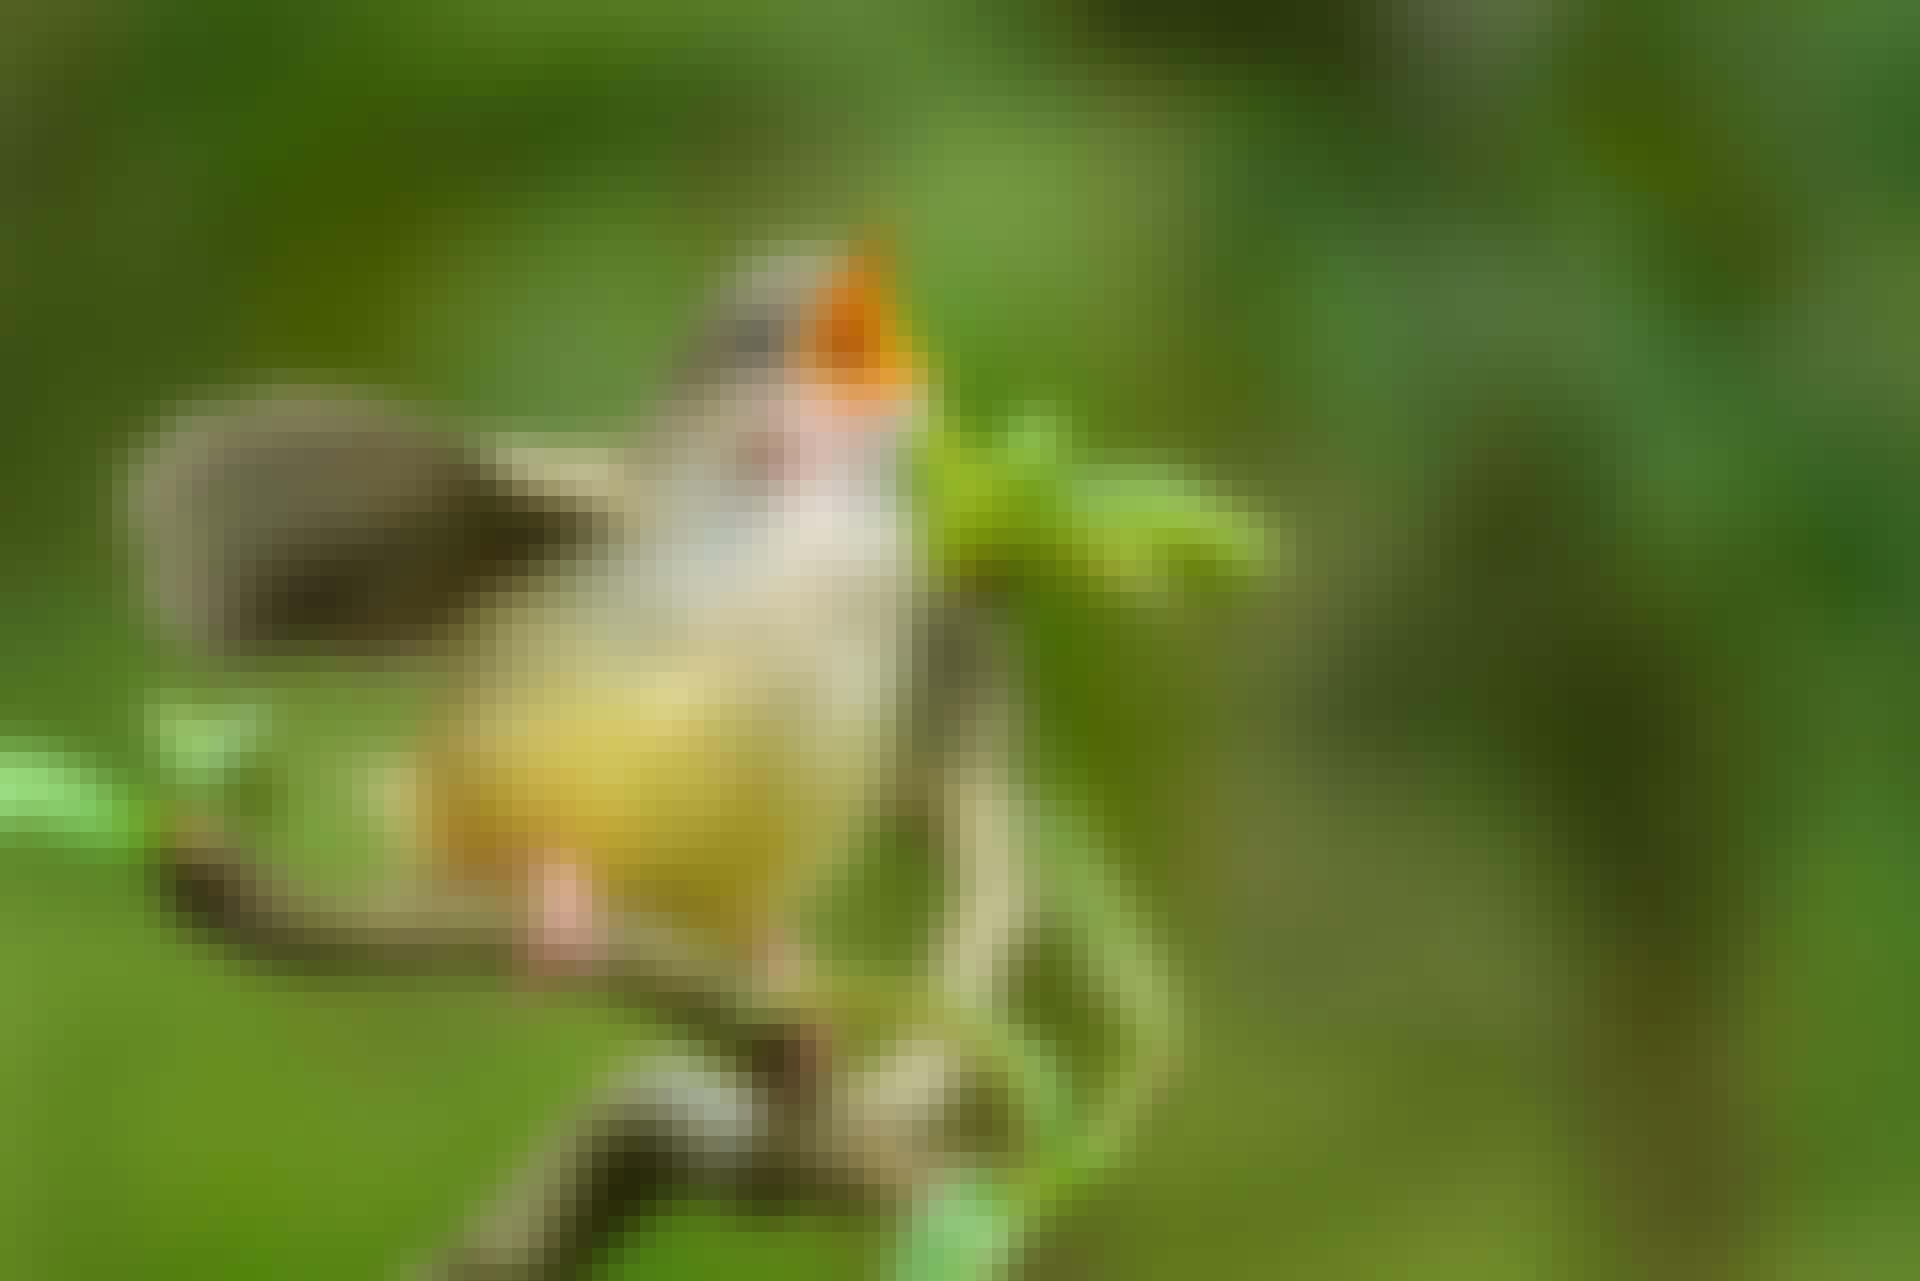 Hvorfor synger fugle om foråret?